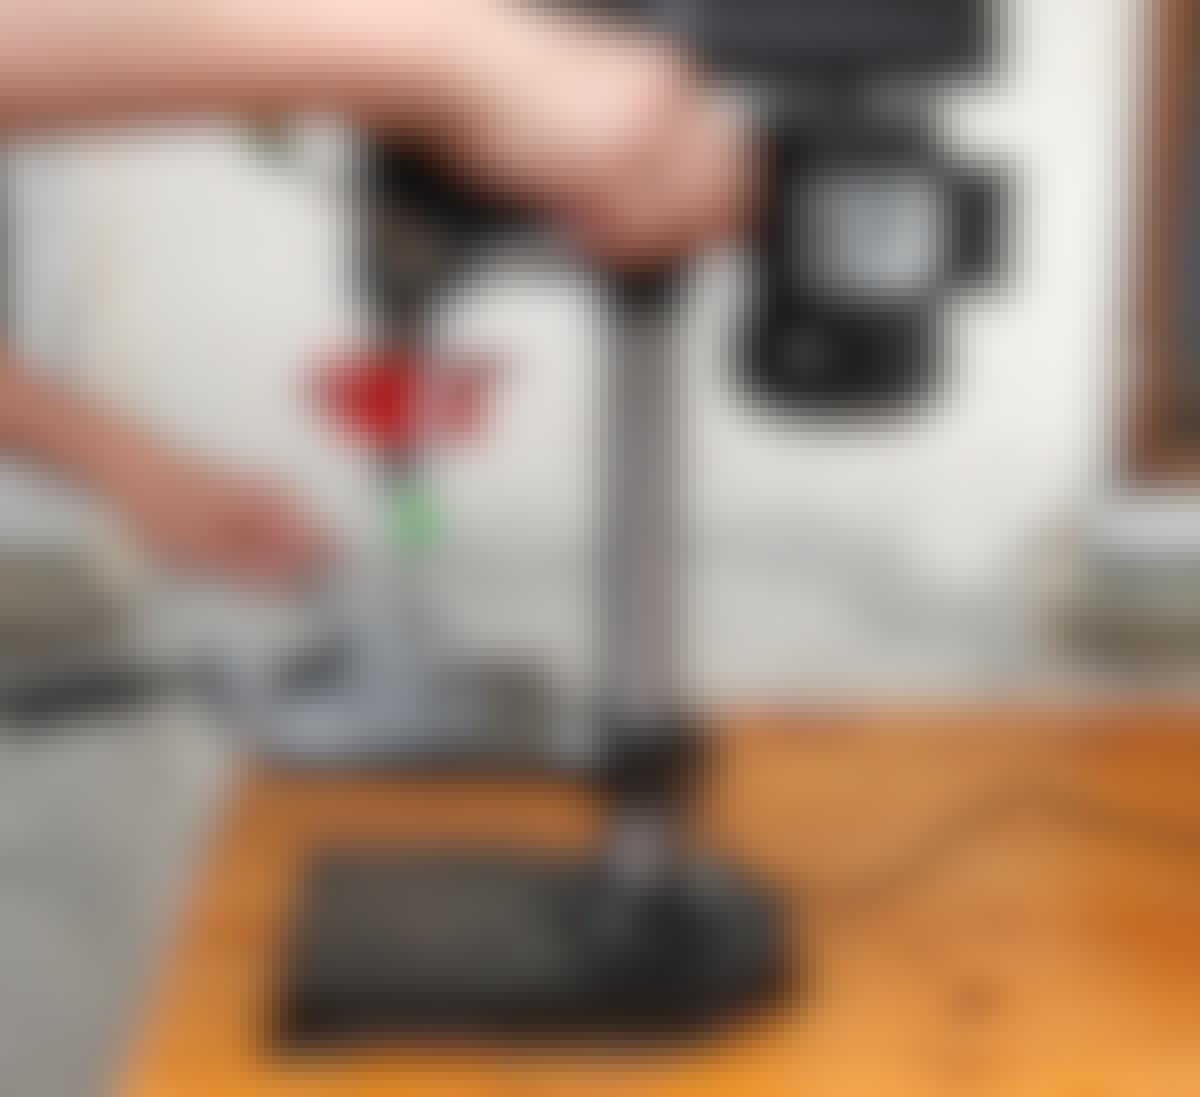 Søjleboremaskinen har egentlig fine kræfter, men præcisionen mangler.